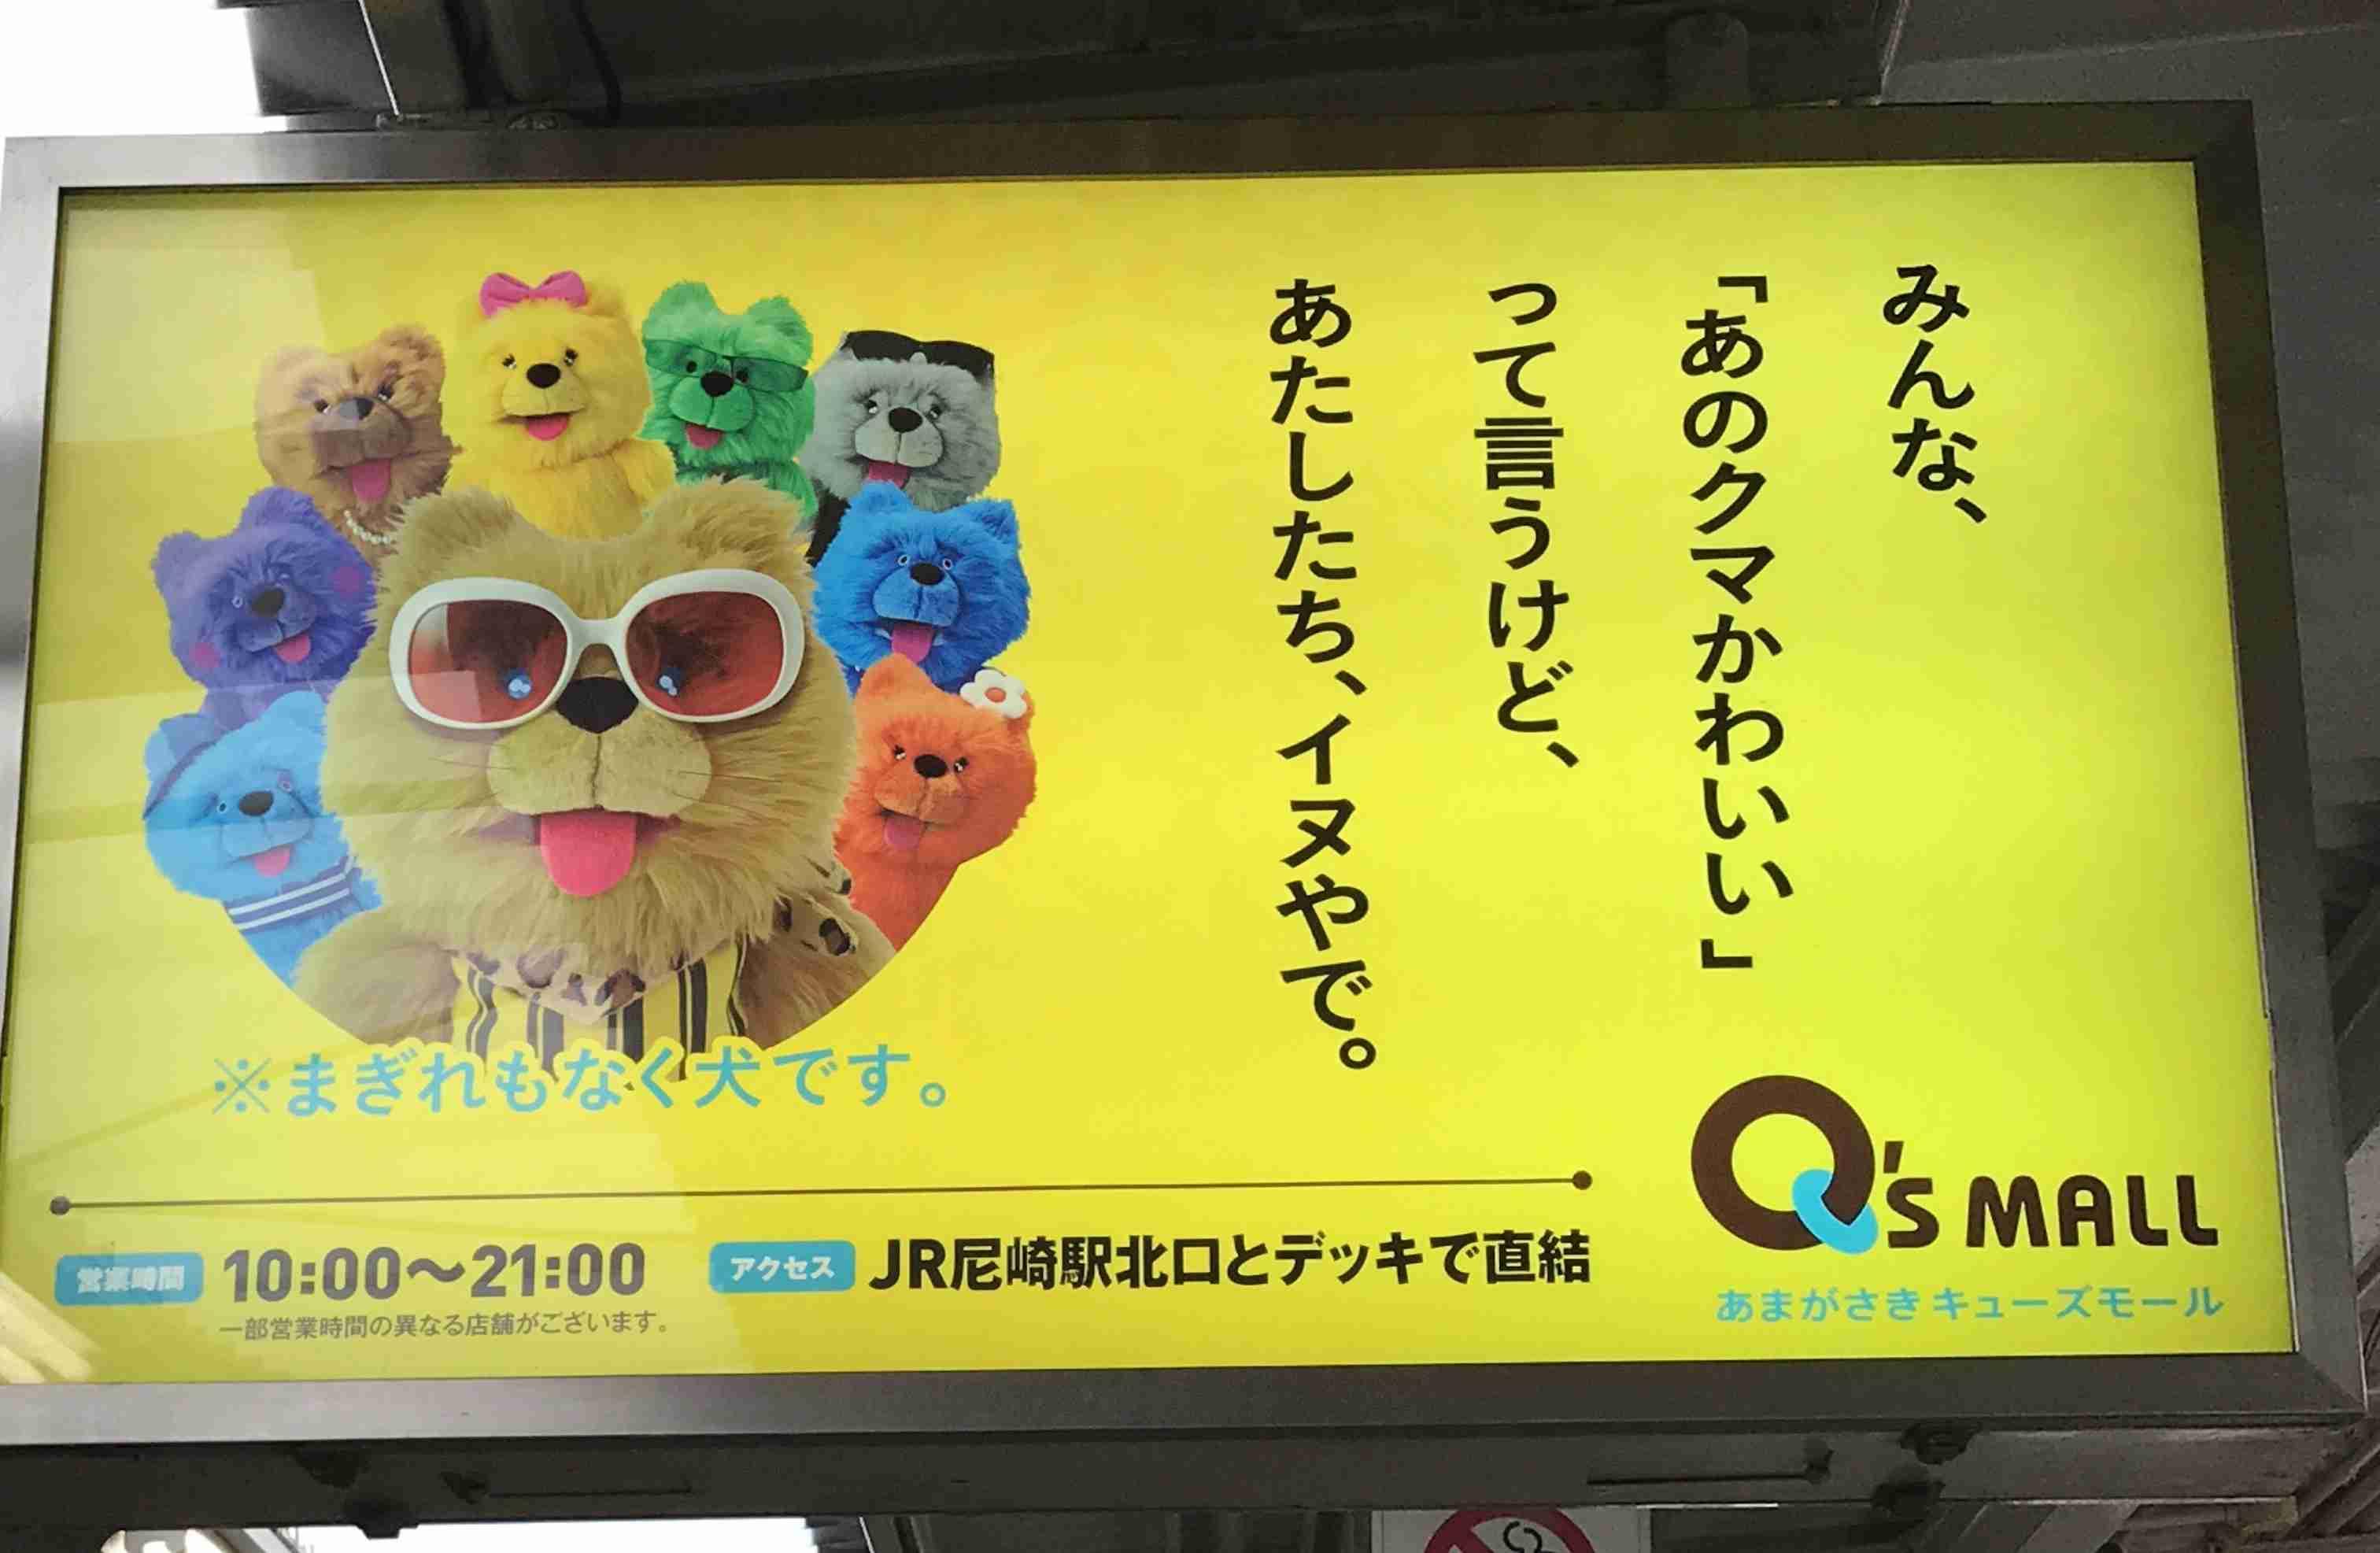 大阪に来て凄いと思ったこと